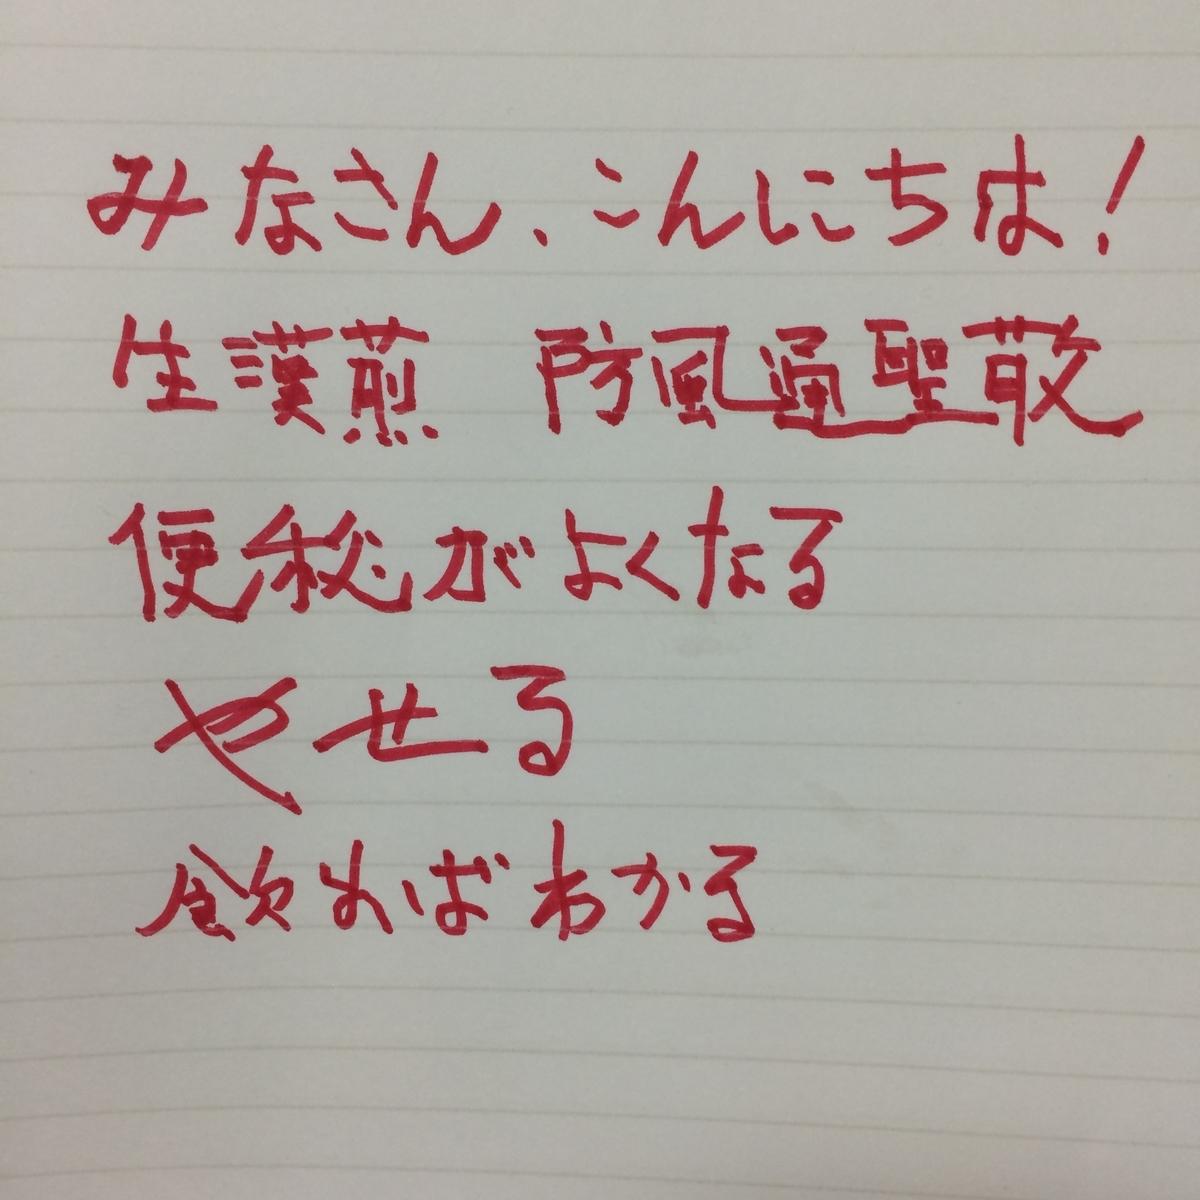 f:id:misumi-tomo:20200101191642j:plain